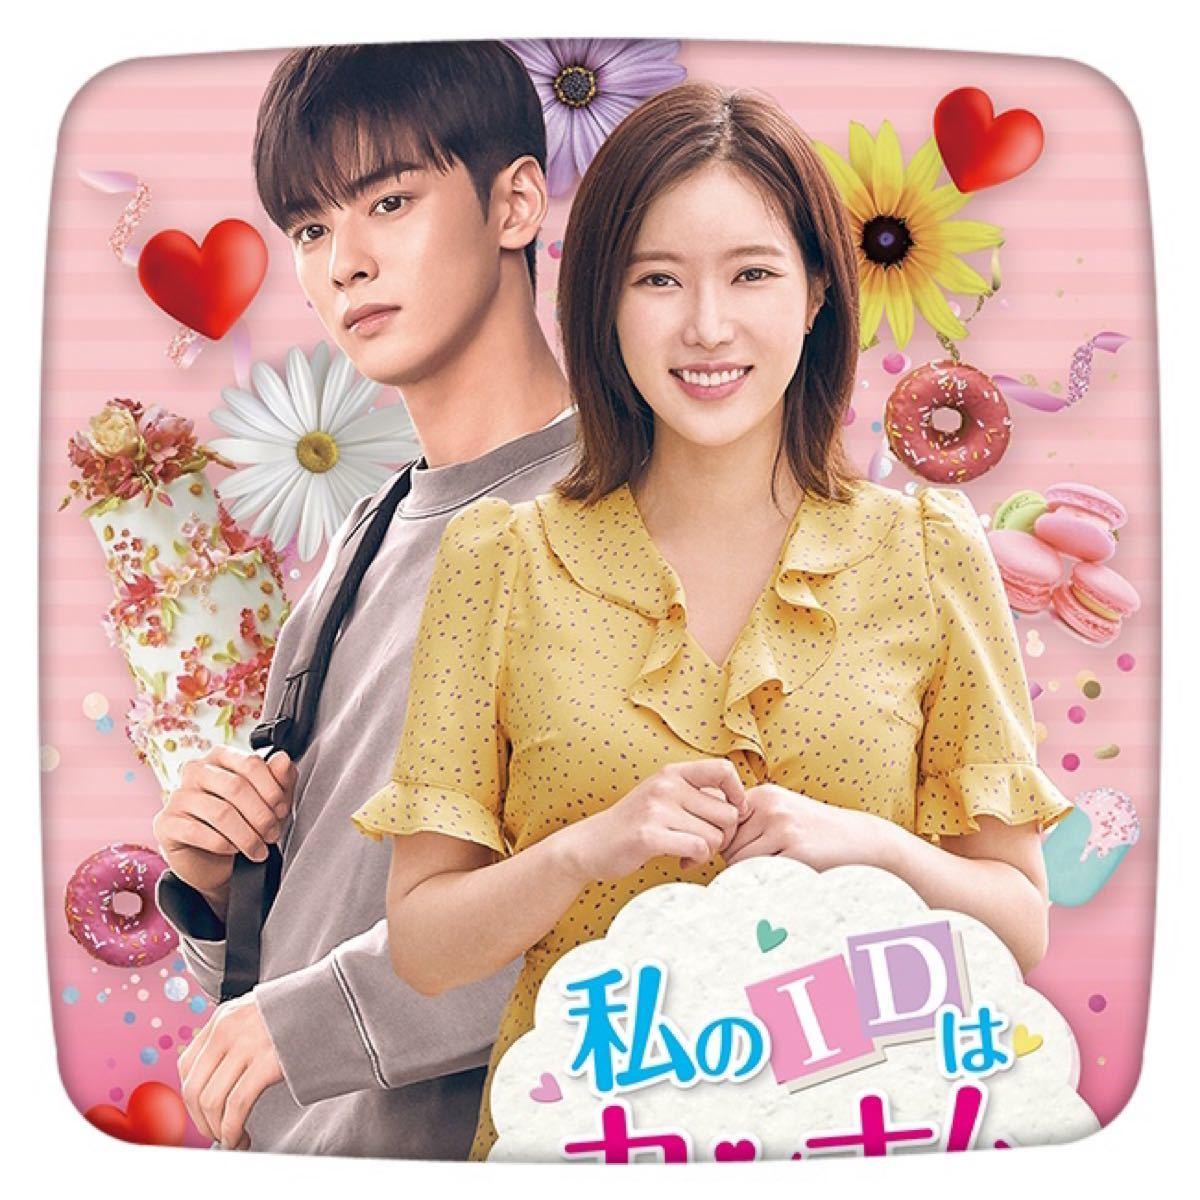 【私のIDは江南美人】Blu-ray 韓国ドラマ 韓流